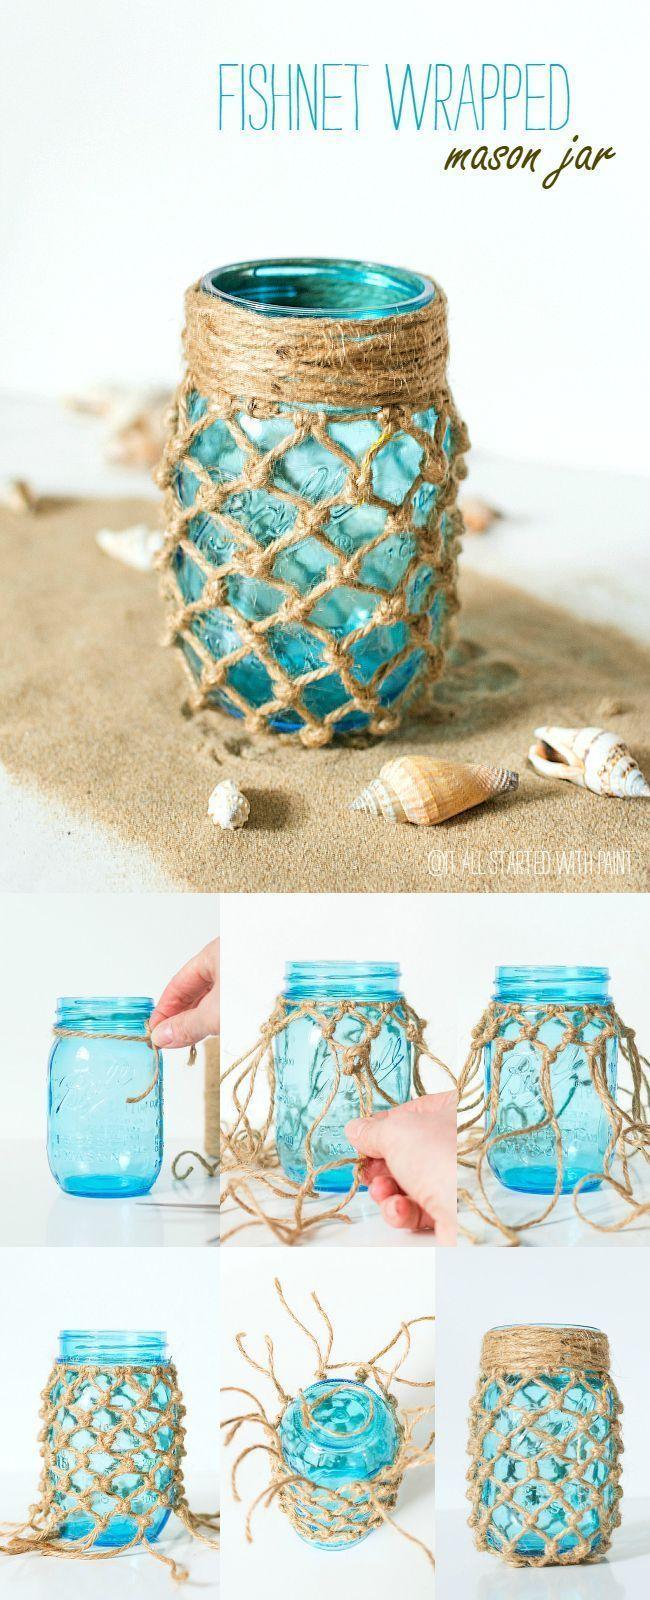 195 best diy crafts home images on pinterest diy crafts home